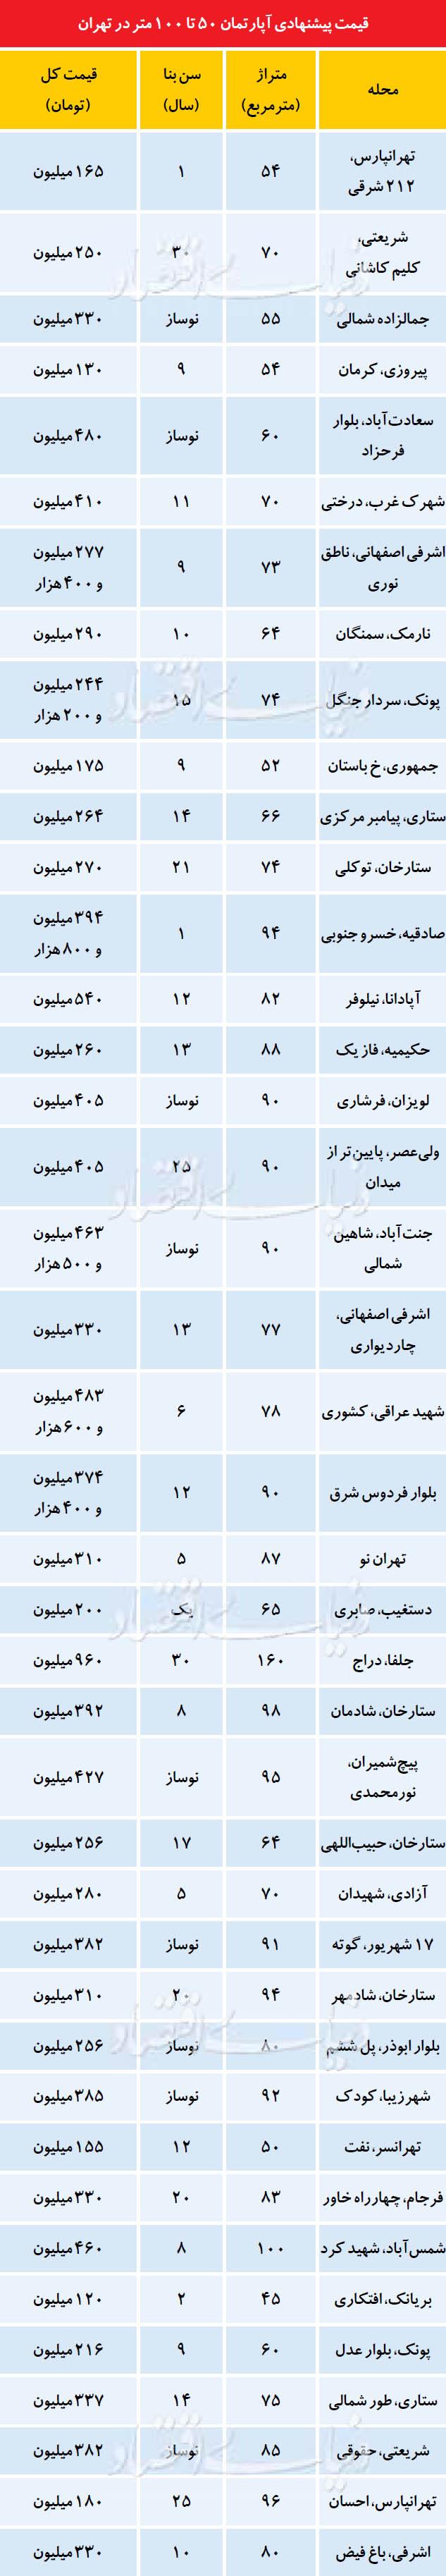 قیمت پیشنهادی آپارتمان 50 تا 100 متر در تهران + جدول